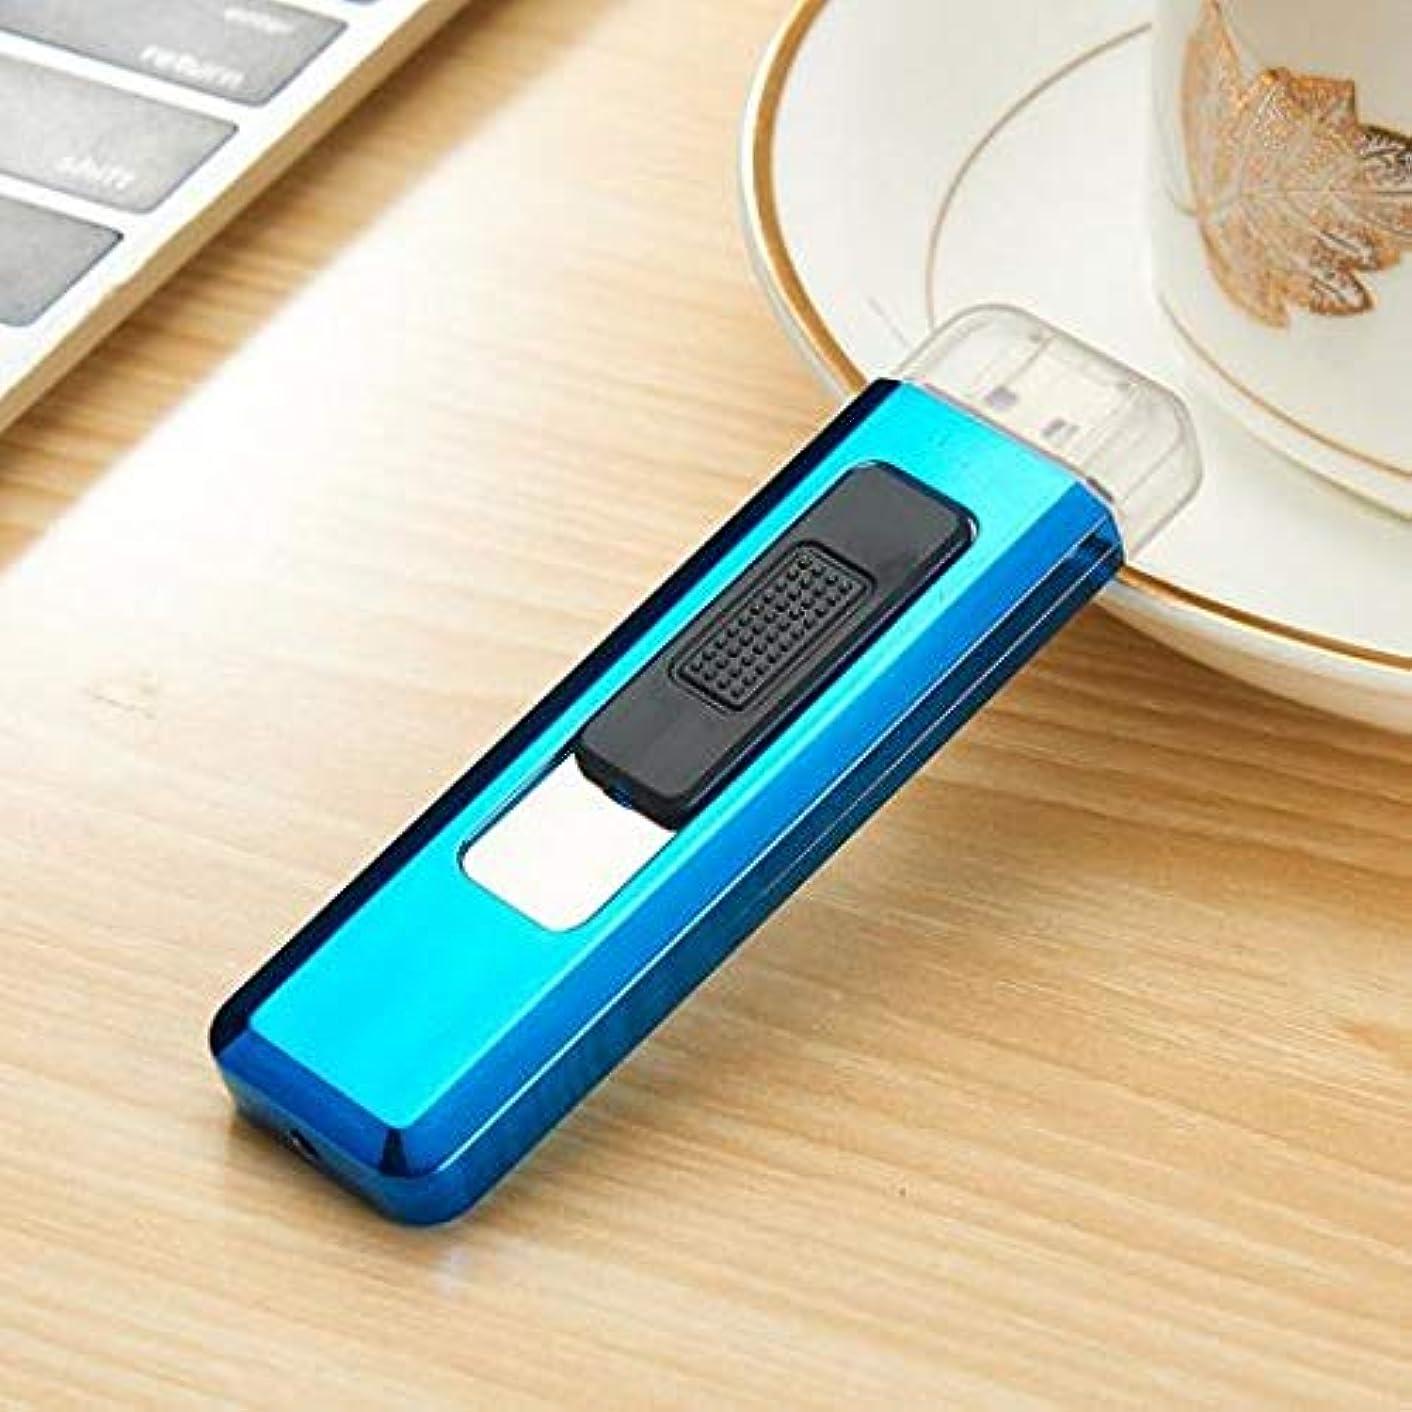 勤勉分布パテAL USBライター 防風 メタル プルダウン 充電 Plastic style AL-BB-2201-T001